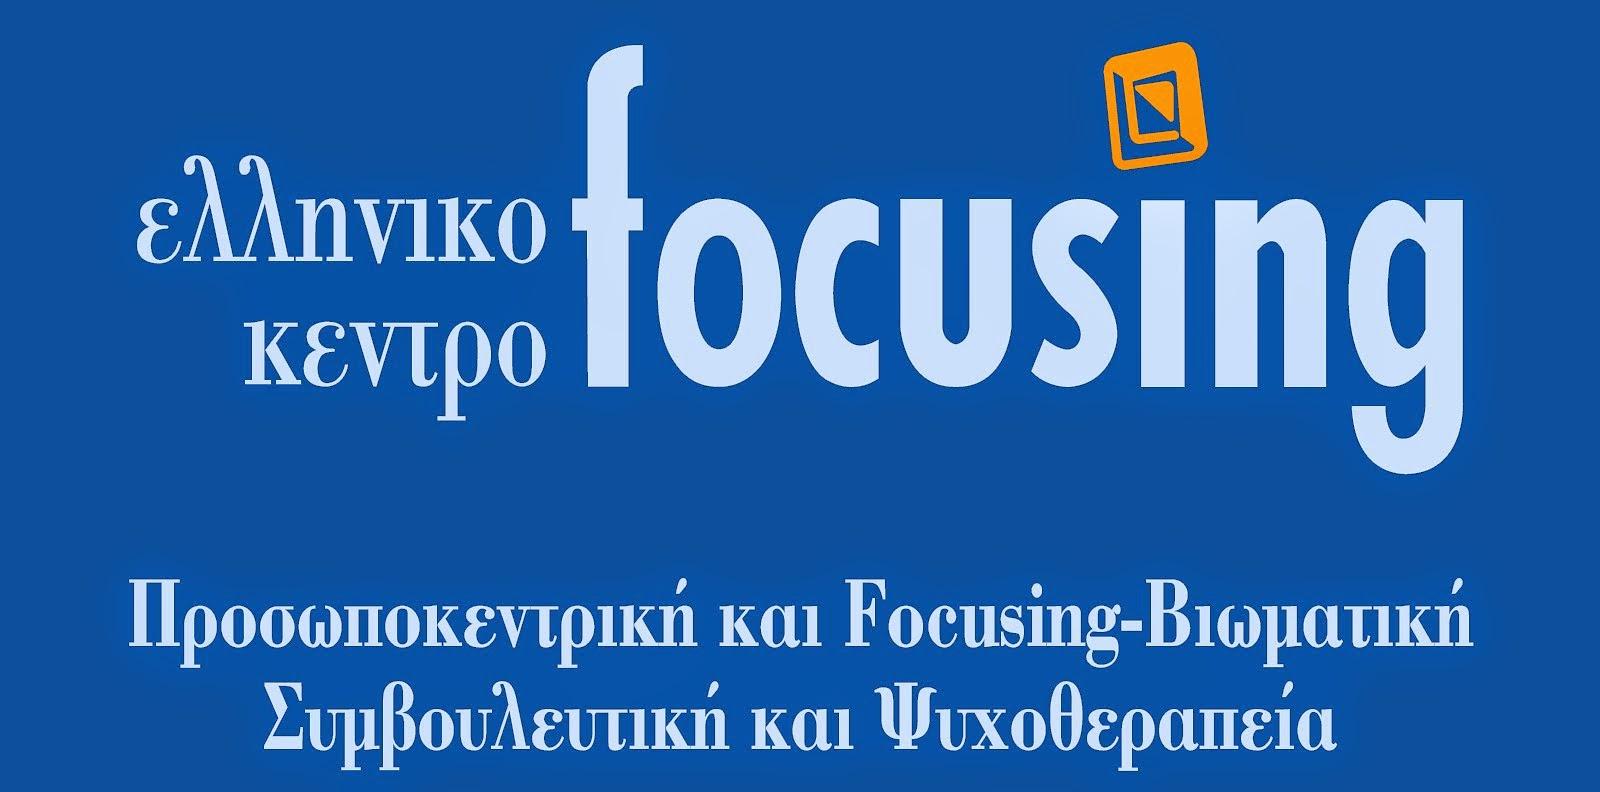 ΕΛΛΗΝΙΚΟ ΚΕΝΤΡΟ Focusing